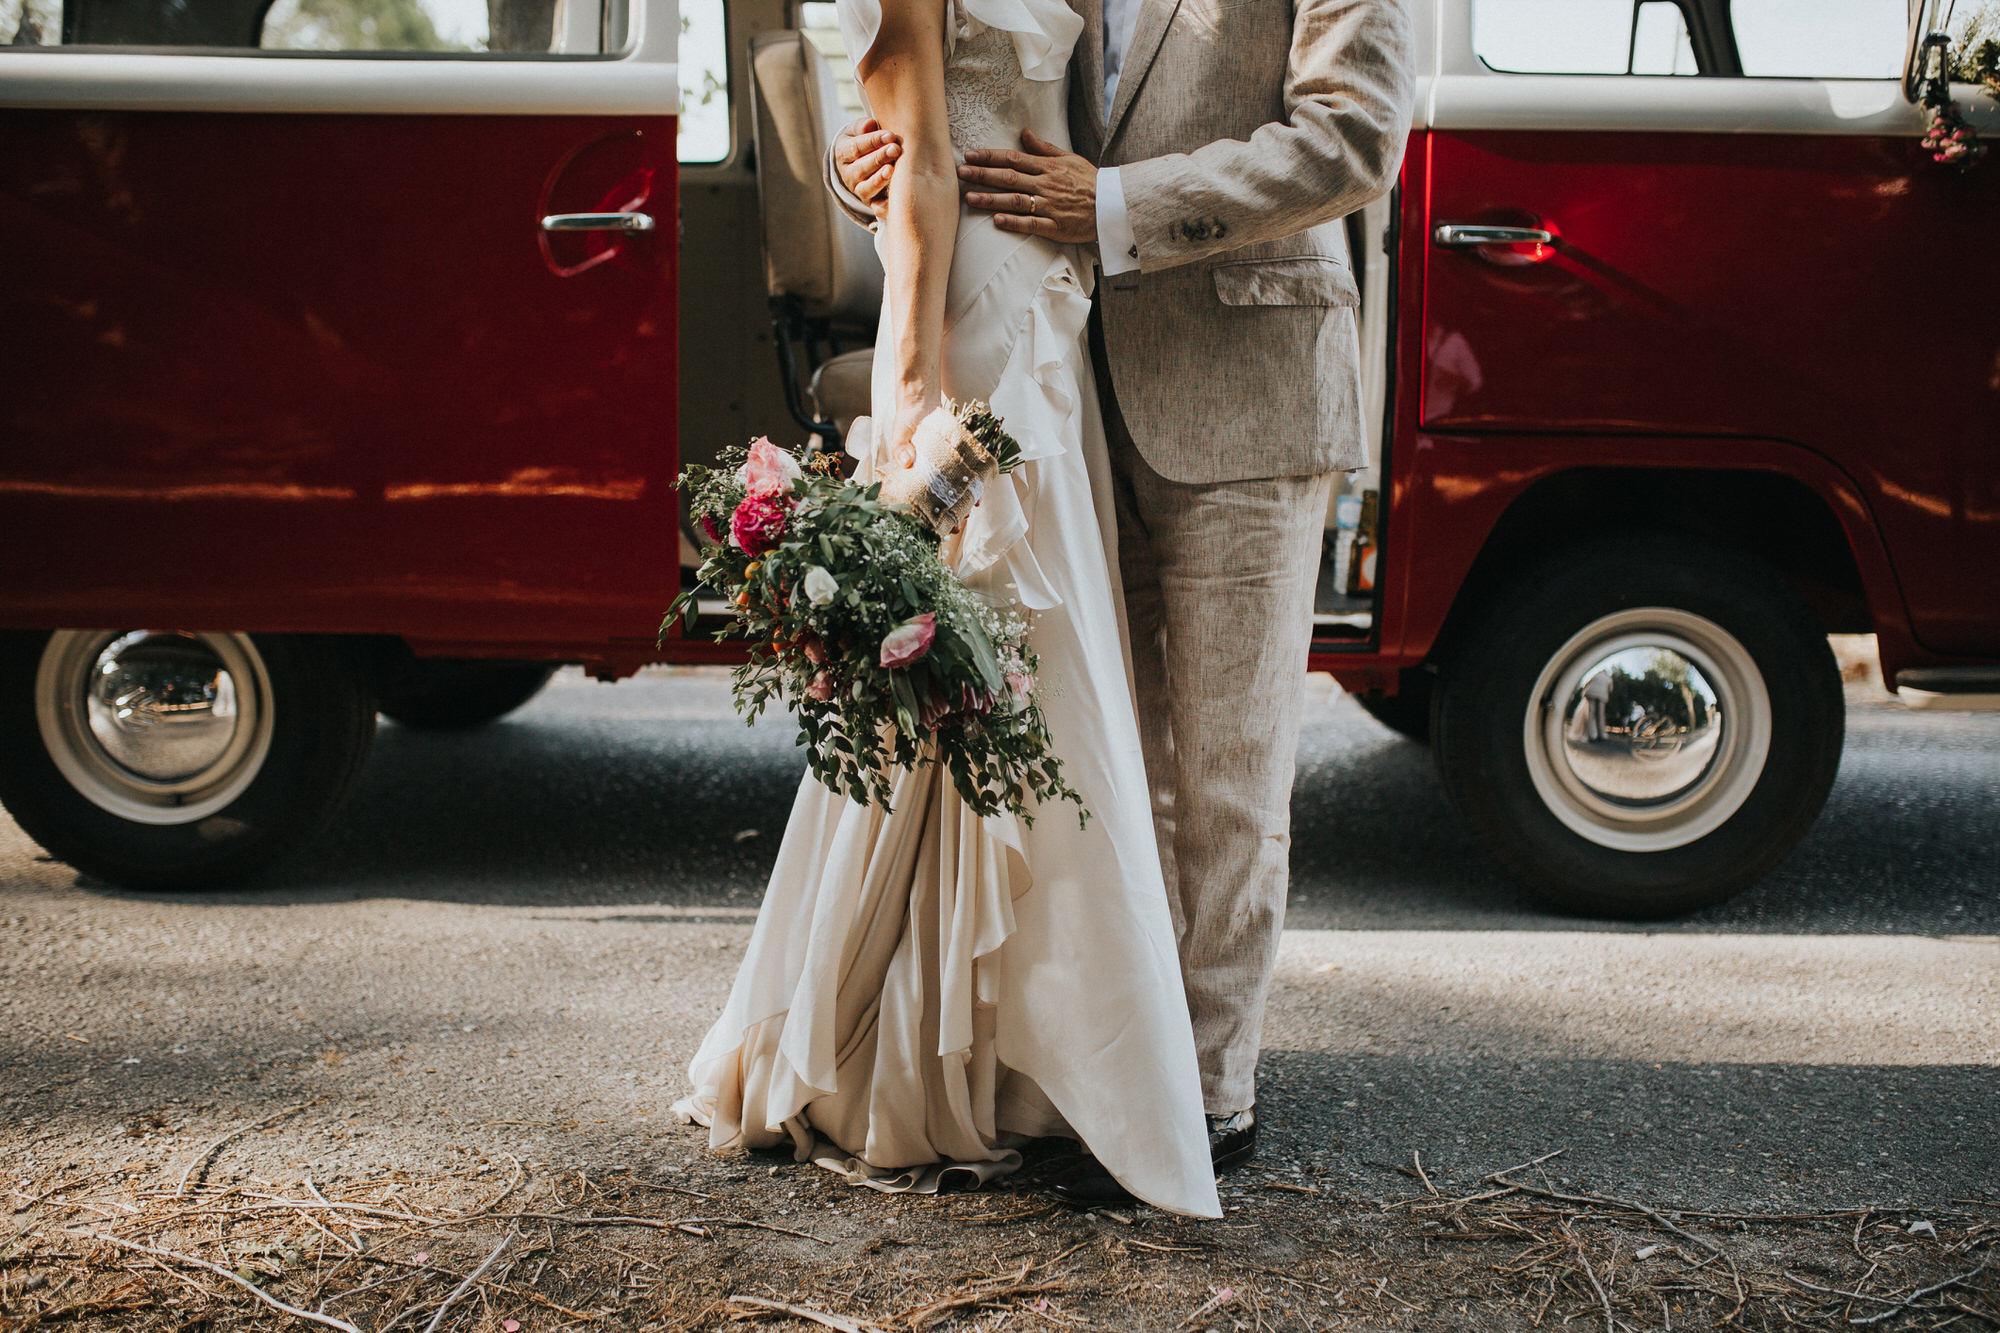 Filipe Santiago Fotografia-fotografo-malveira-lisboa-cascais-mafra-melhores-reportagem-wedding-photography-portugal-lisbon-best-natural-casamentos-lifestyle-bride-ideias-rustic-boho-hair-mackup-damas-preparativos-preparations-bridemaids-dress-shoes-bouquet-trends-church-cerimony-saida-igreja-dicas-vw-van-session-red-colors-2018